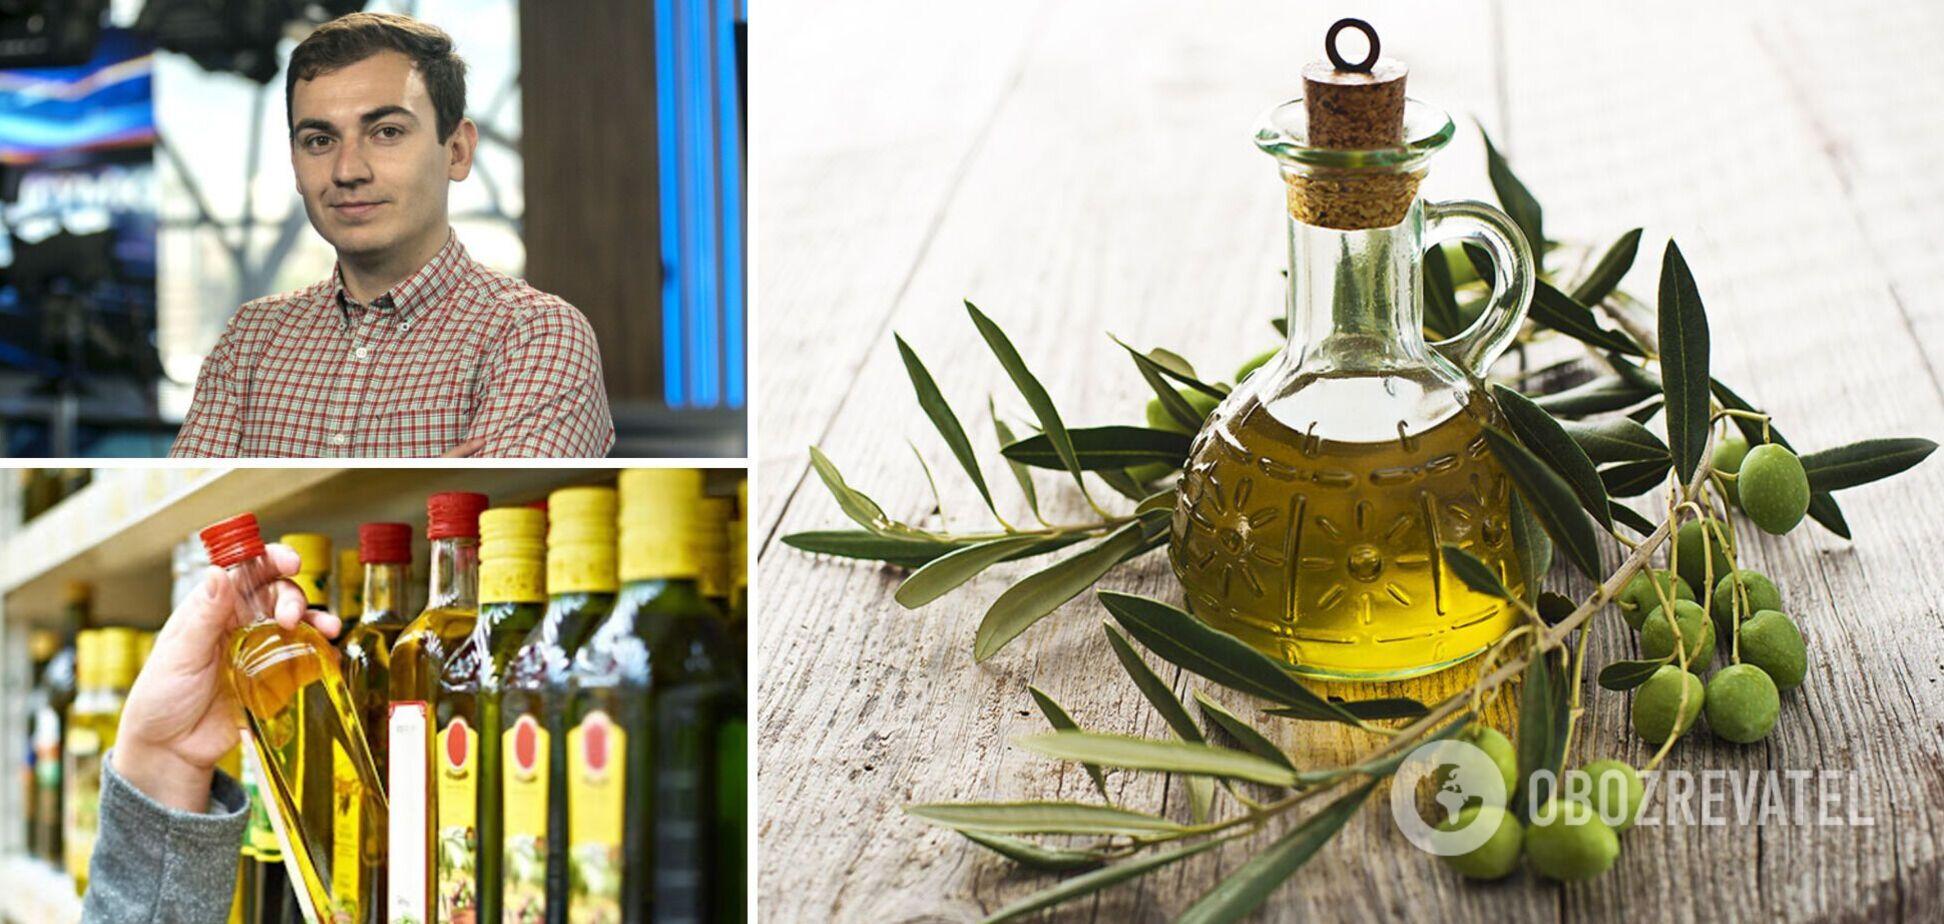 'Просто смітник': озвучено масштаби фальсифікації оливкової олії